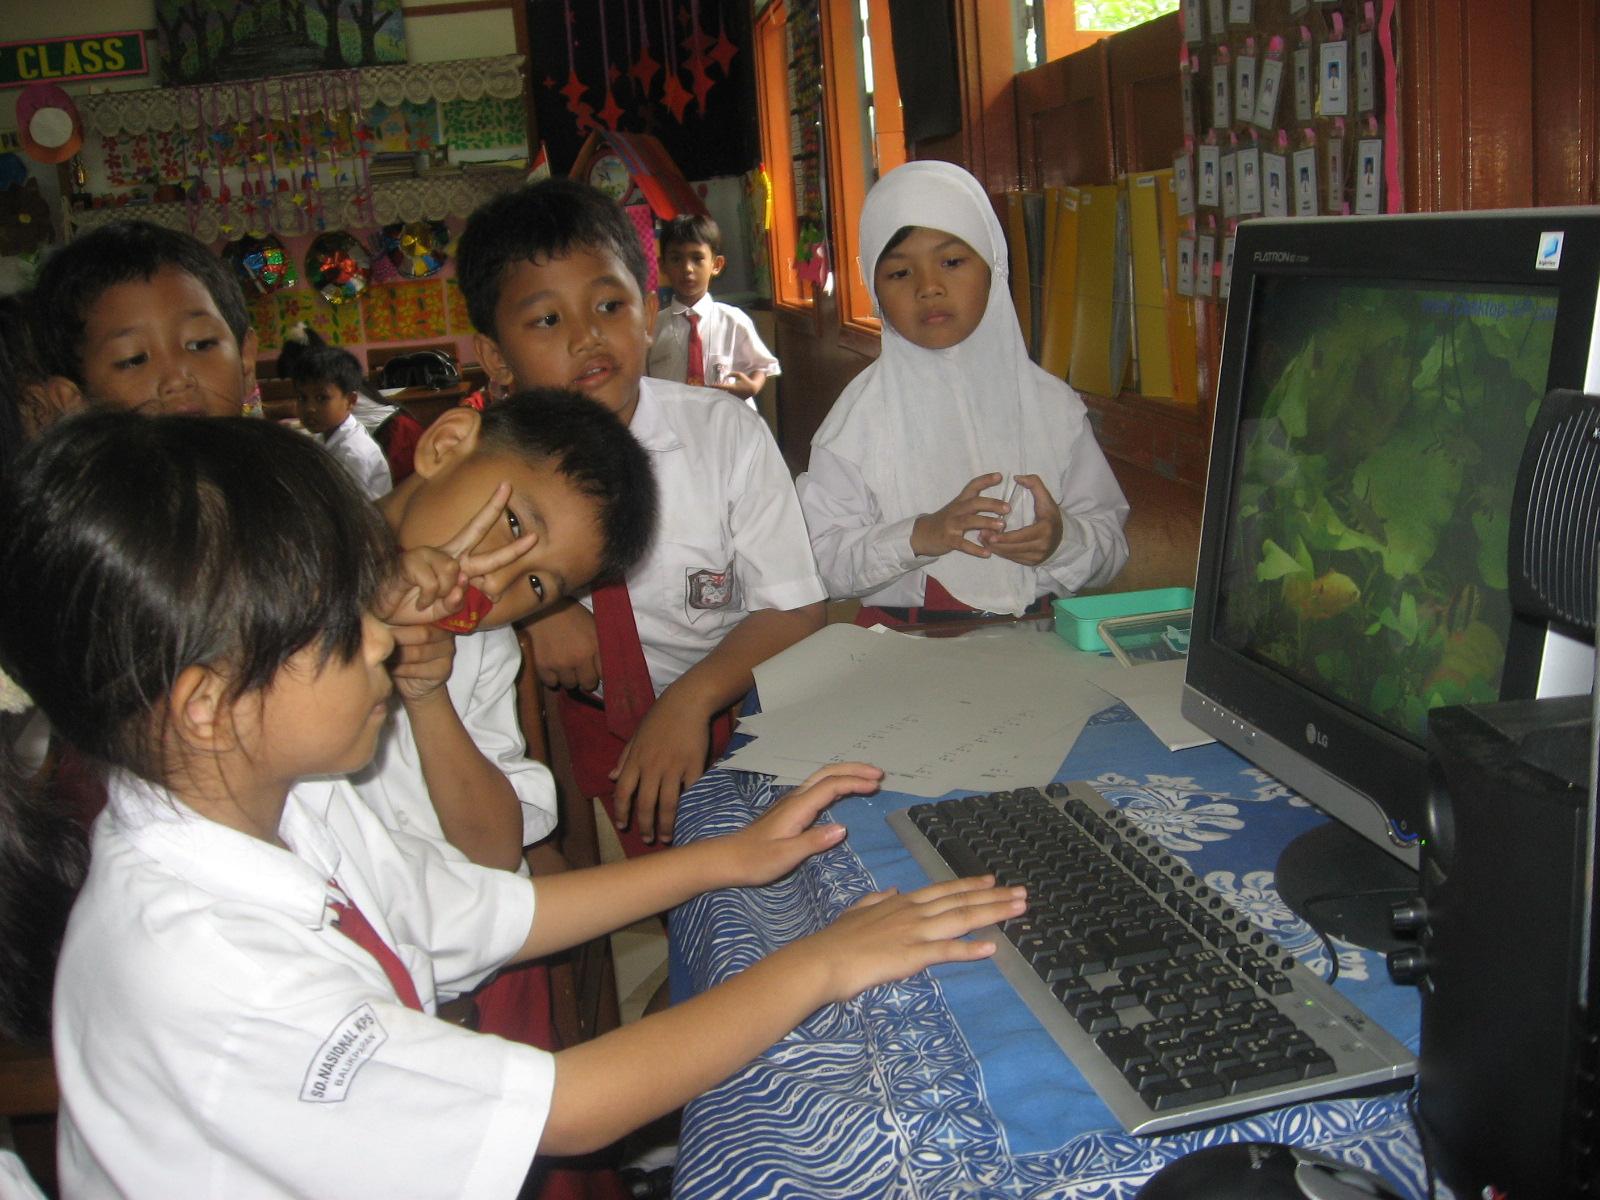 Mahfud cah ndueesoo teknologi dalam dunia pendidikan